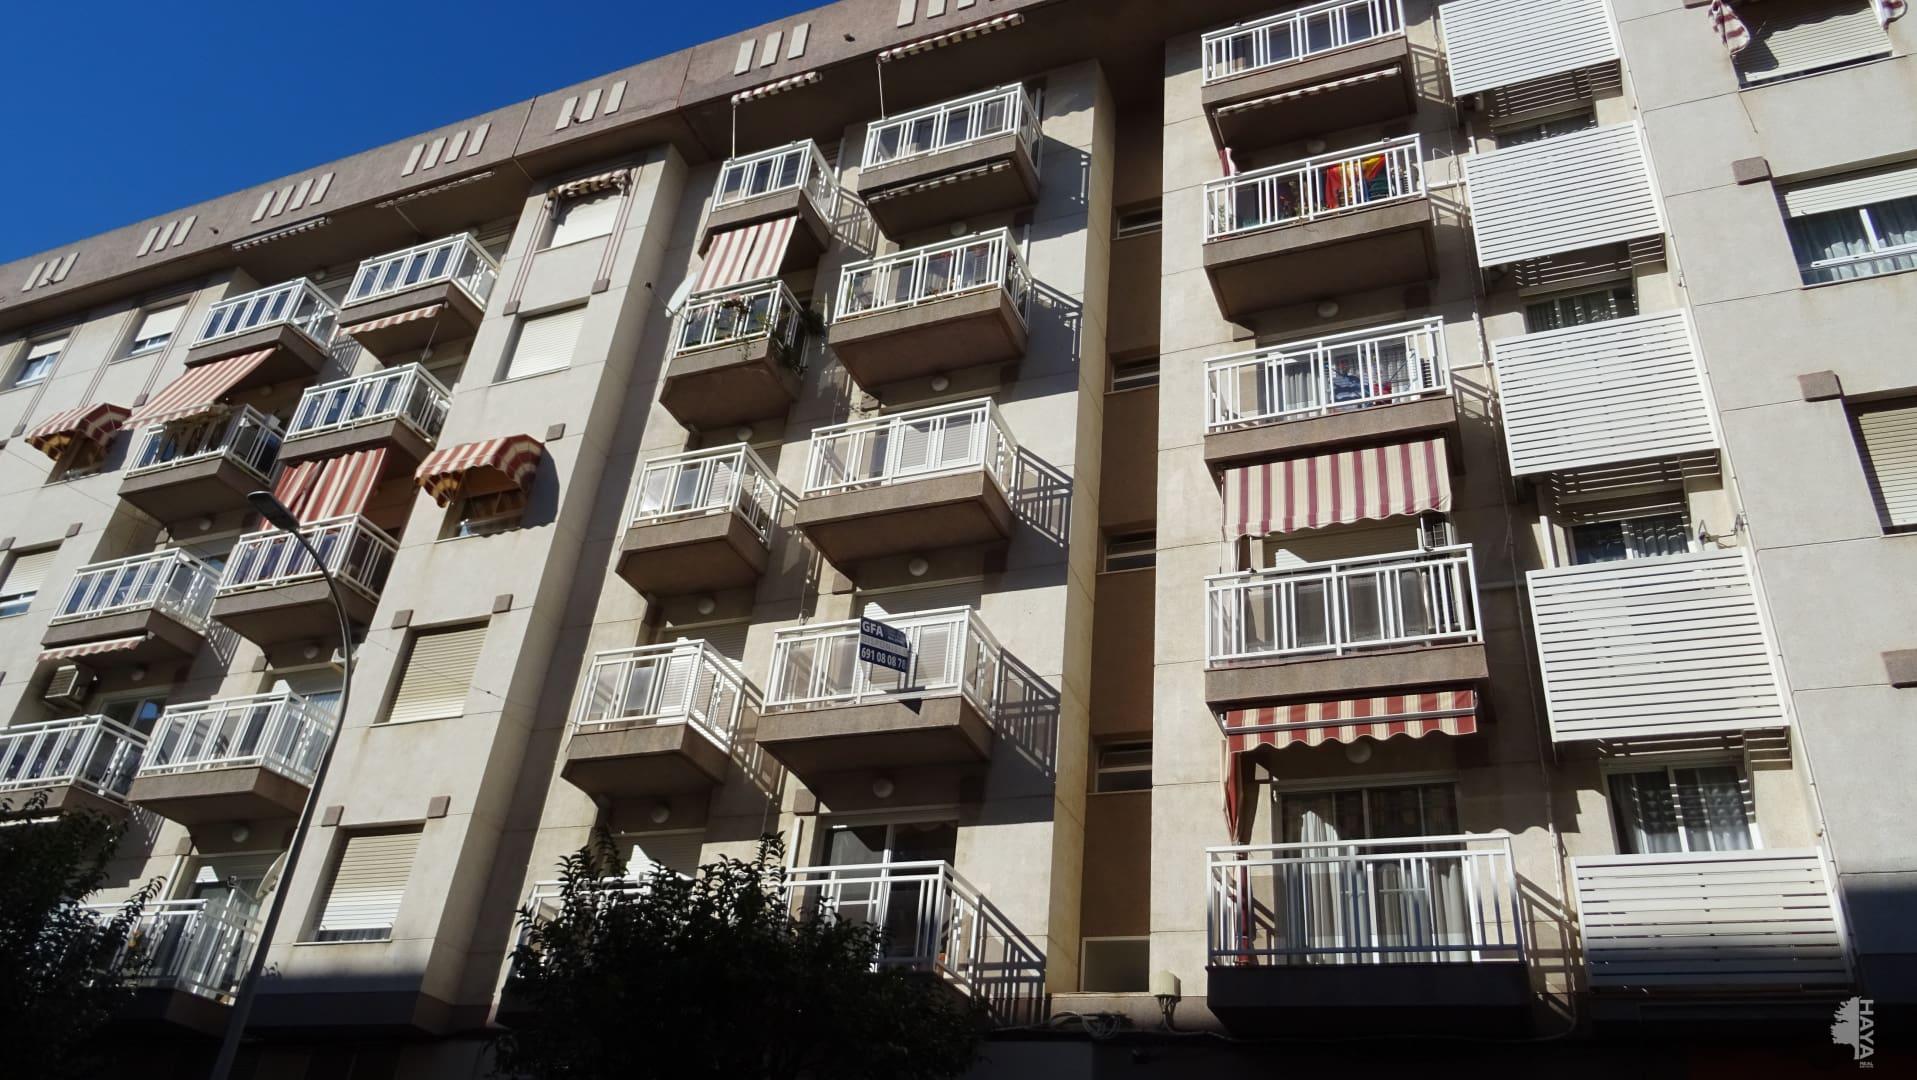 Piso en venta en calle ciudad de barcelona 7, 2a, 3, 46701 gandia.  l.a riqueza de la imag - imagenInmueble16